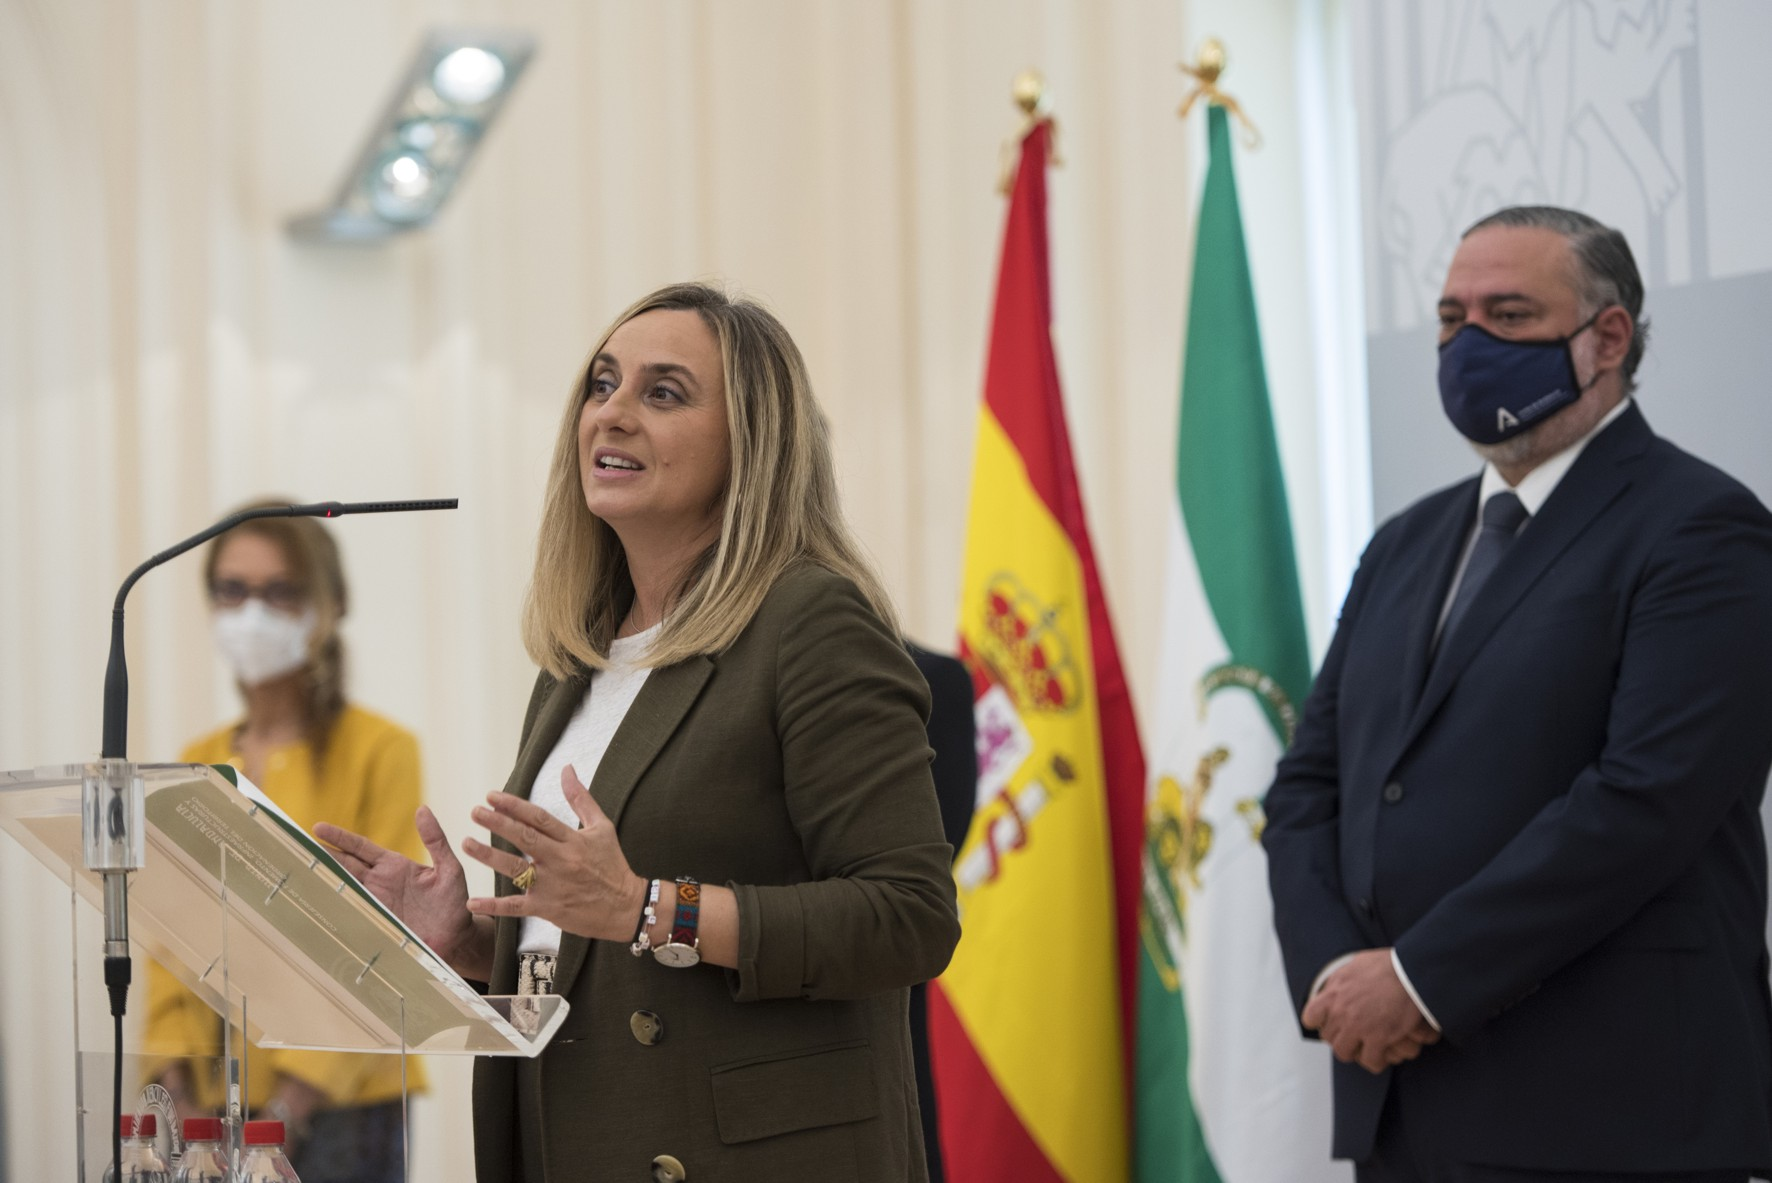 La consejera ha anunciado la ampliación del metro en Granada.